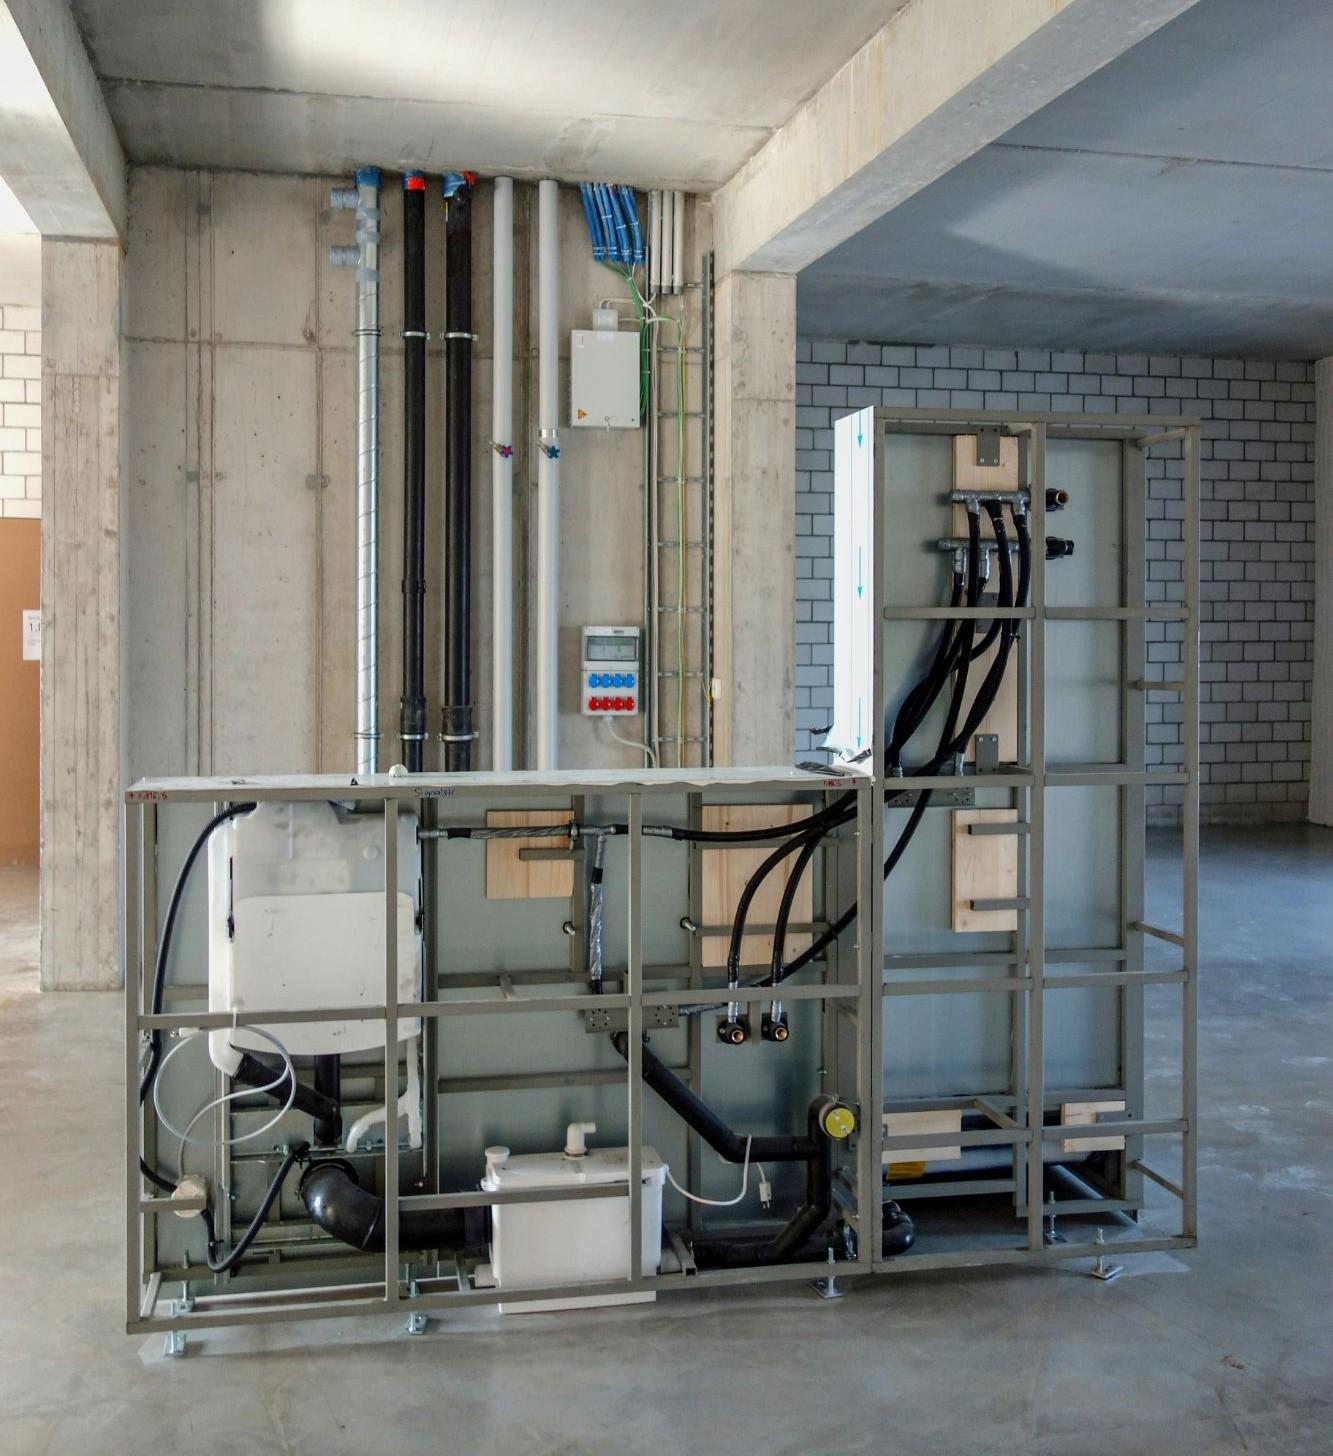 In den Wohnateliers gibt es jeweils einen Sanitärblock und einen Anschluss für Elektro und Wasser.